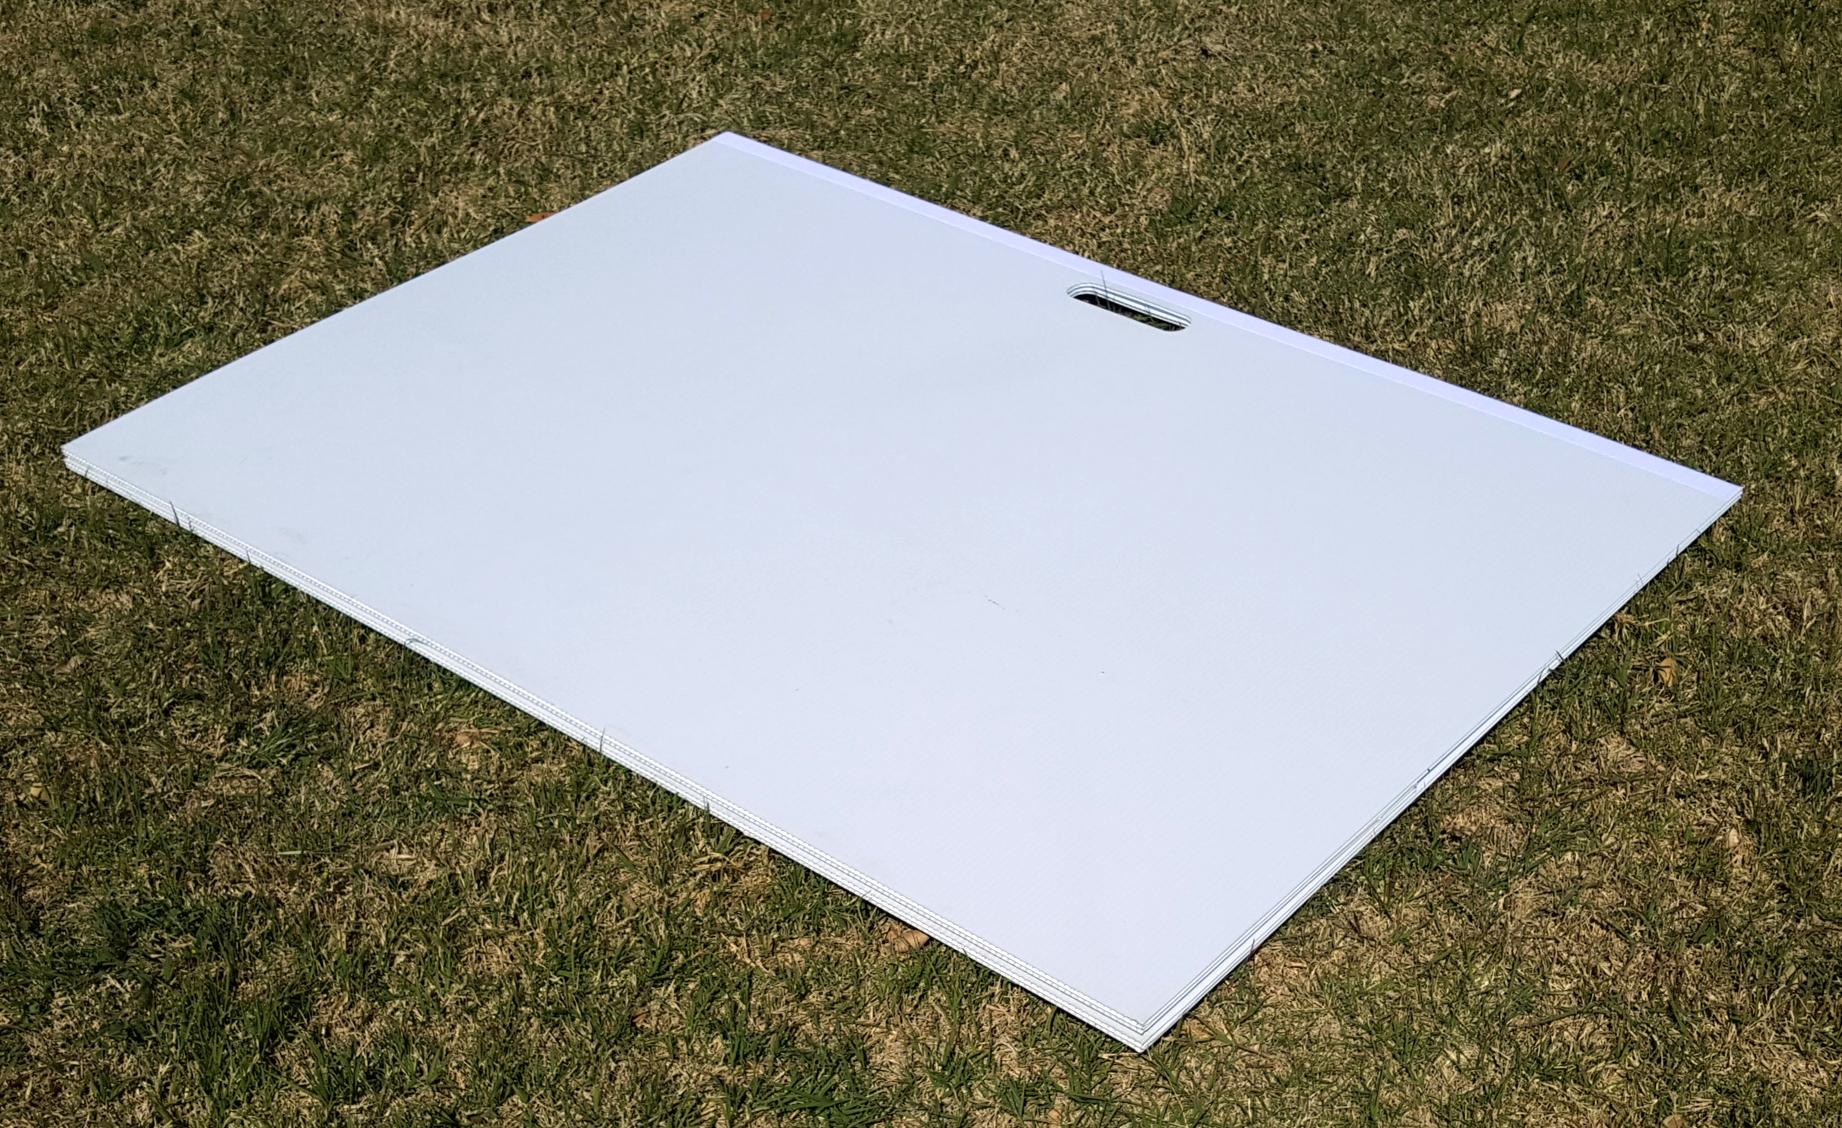 Portable Sideline A-Frame